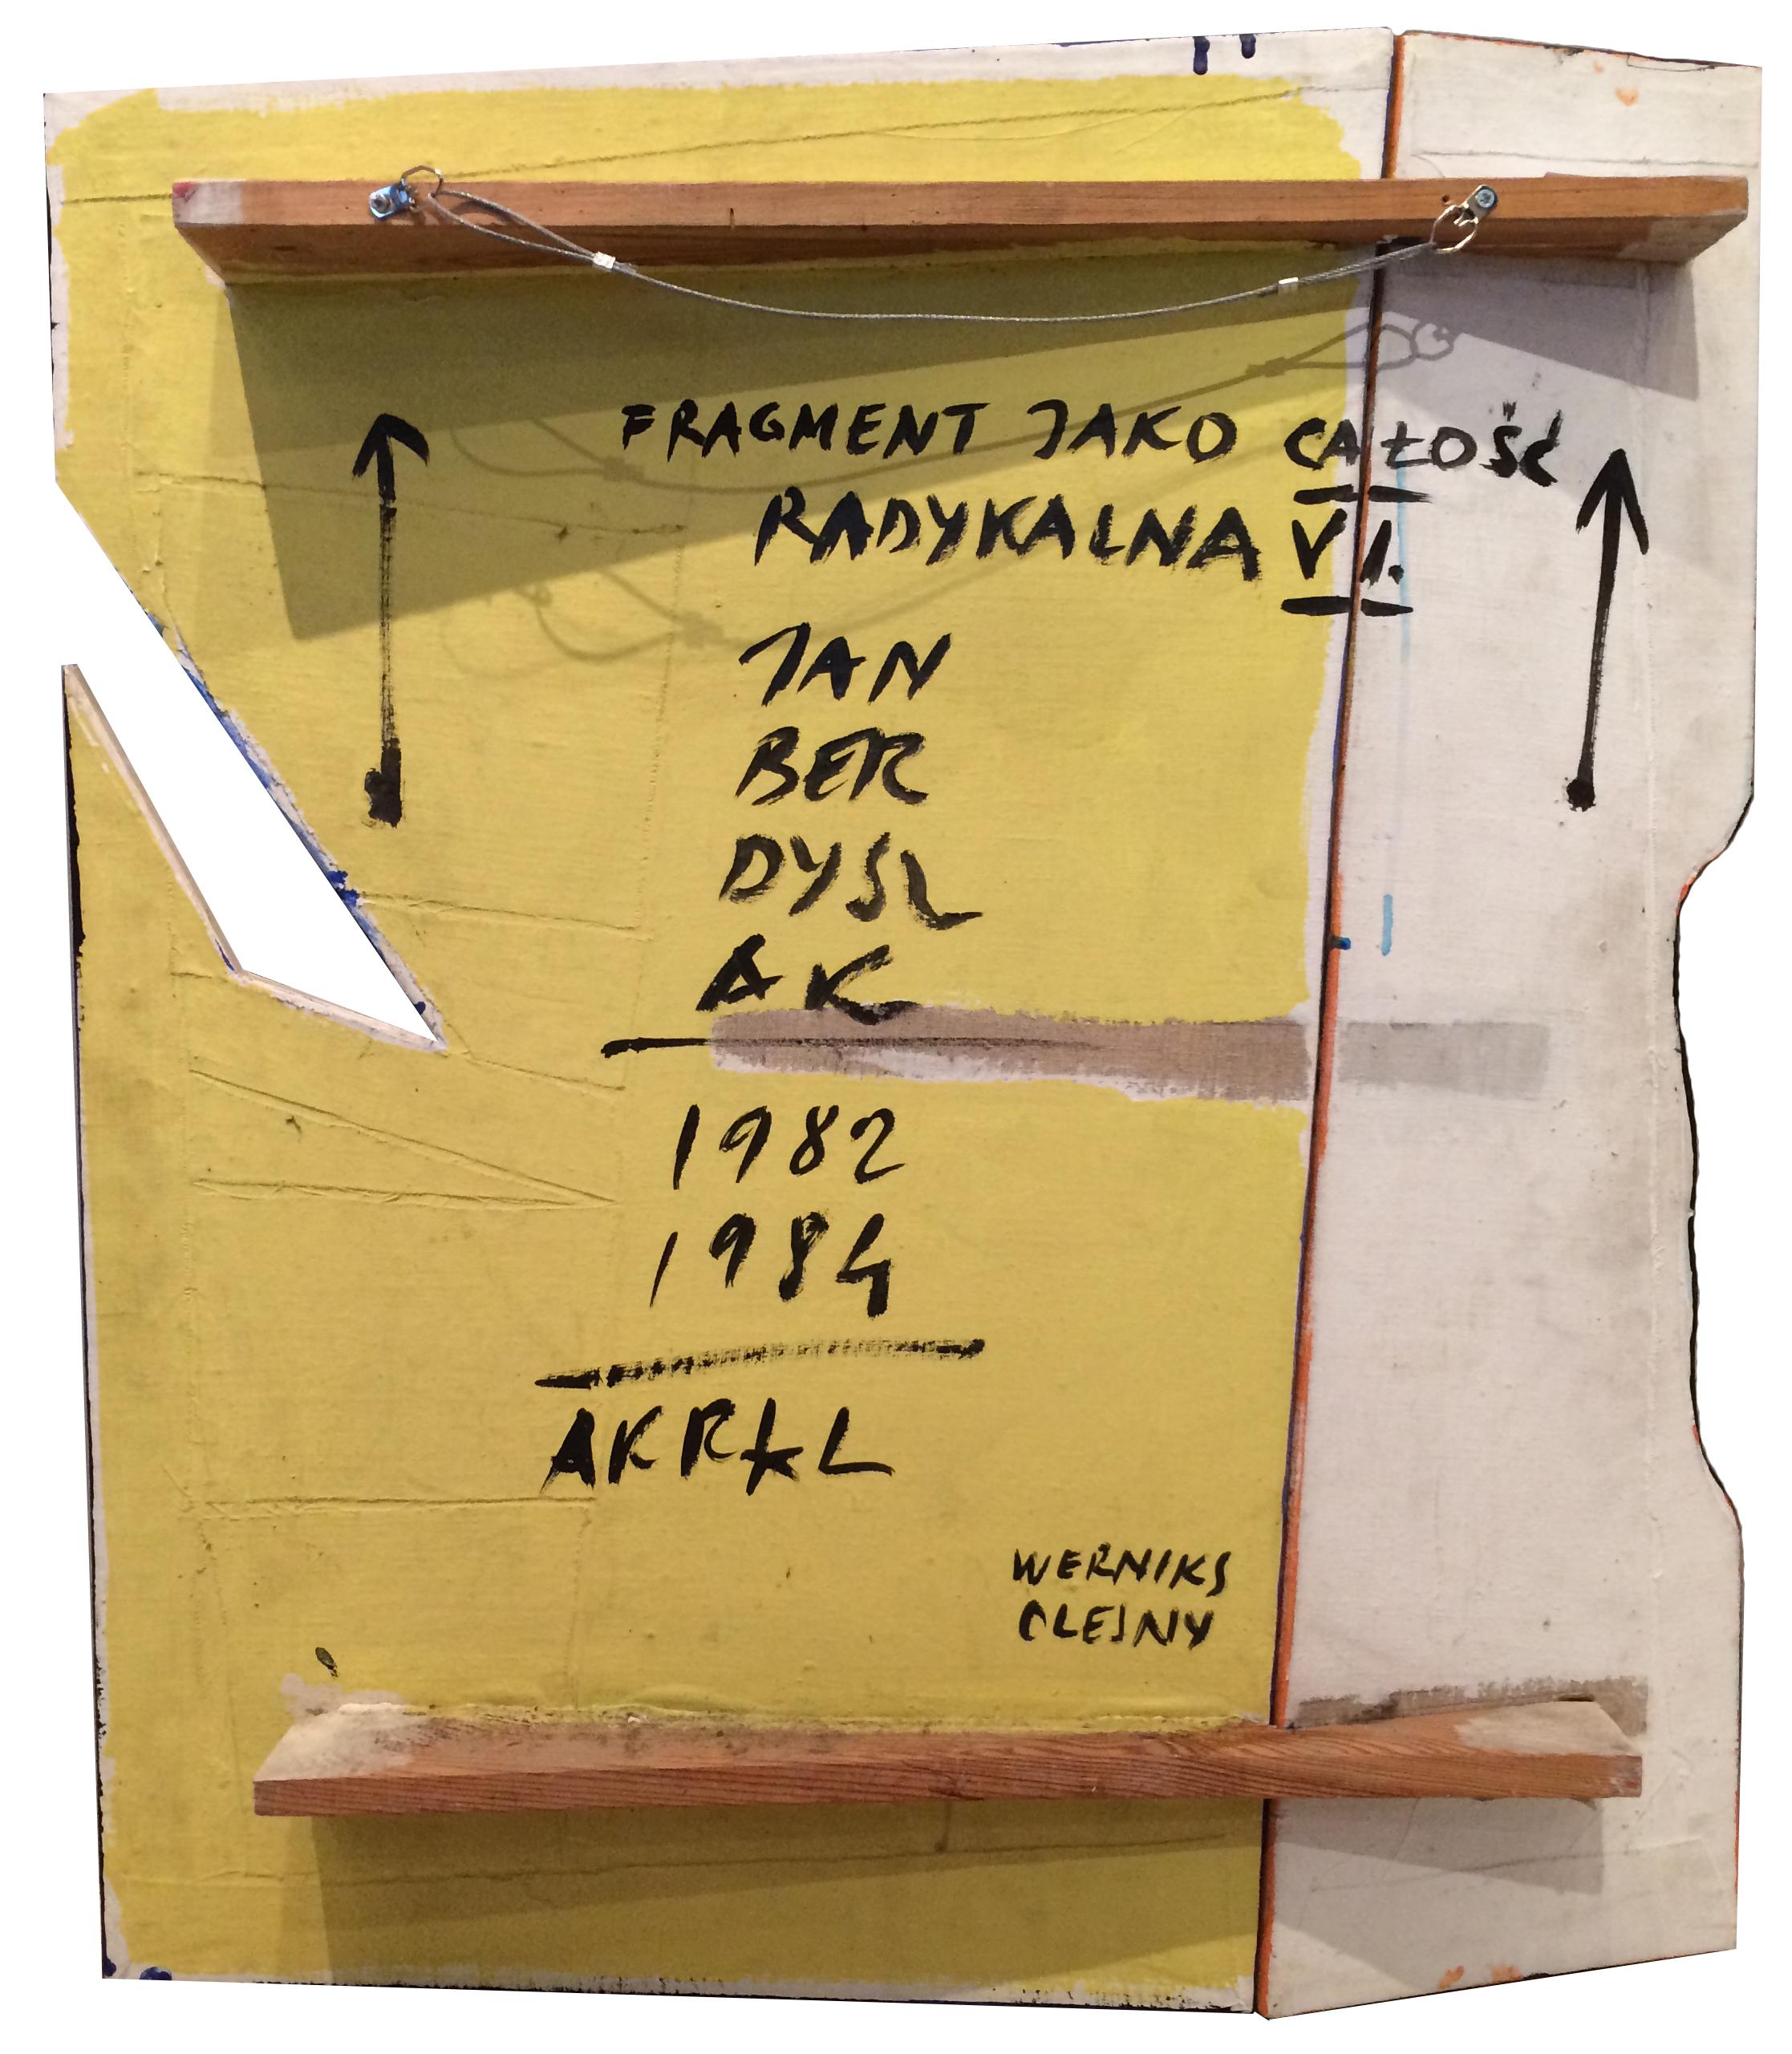 Berdyszak Jan (1934-2014), Fragment jako całość radykalna, 1982-84